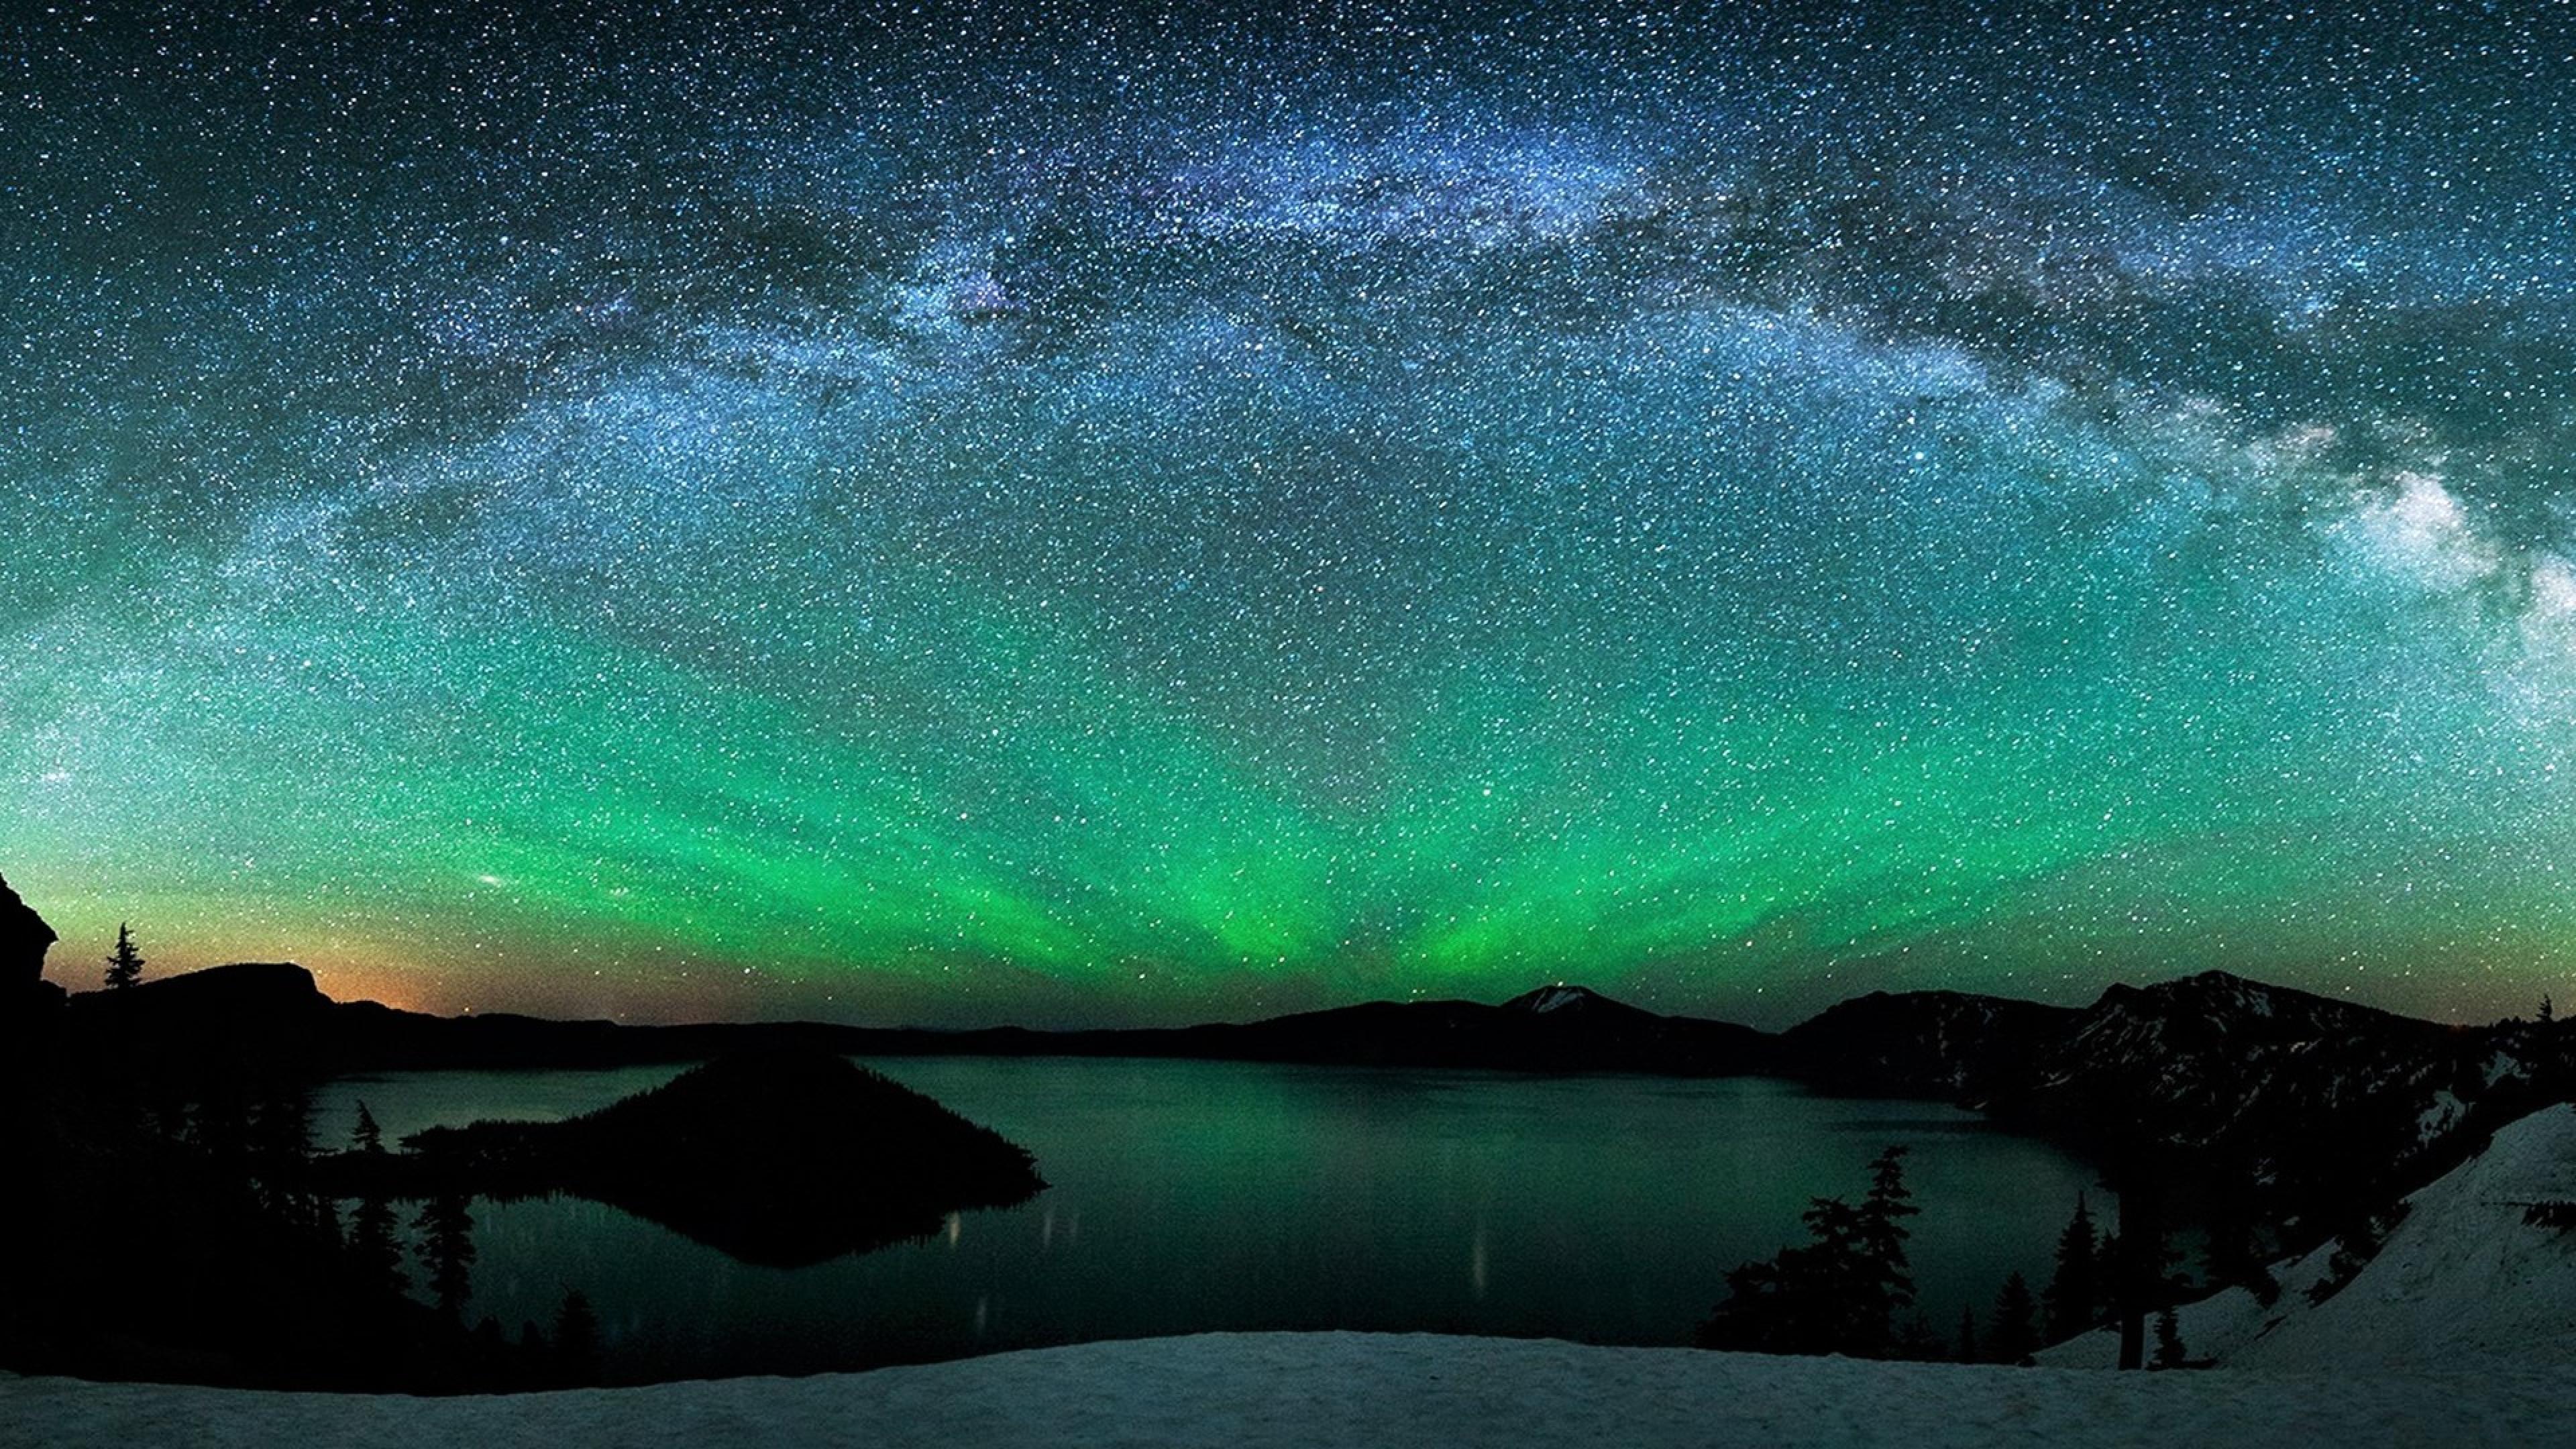 4k Hd Wallapaper: Aurora Borealis Over Winter Lake, Full HD 2K Wallpaper